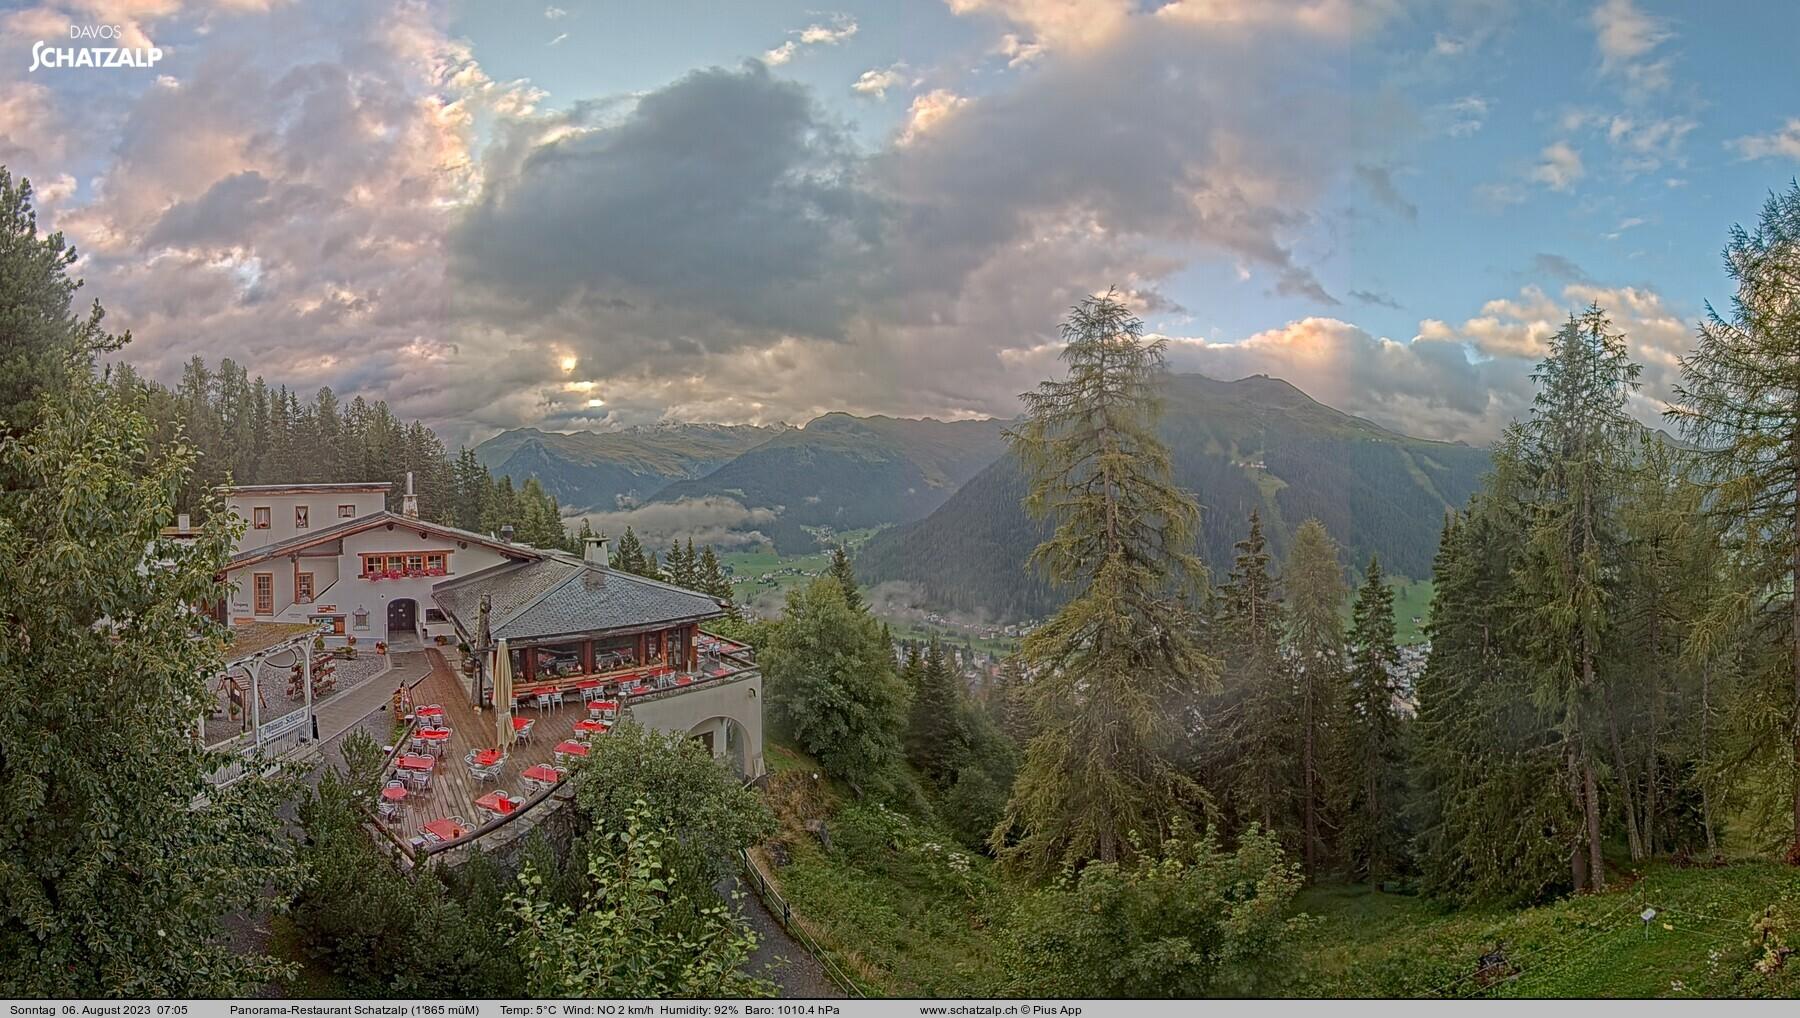 Davos Schatzalp Panoramarestau